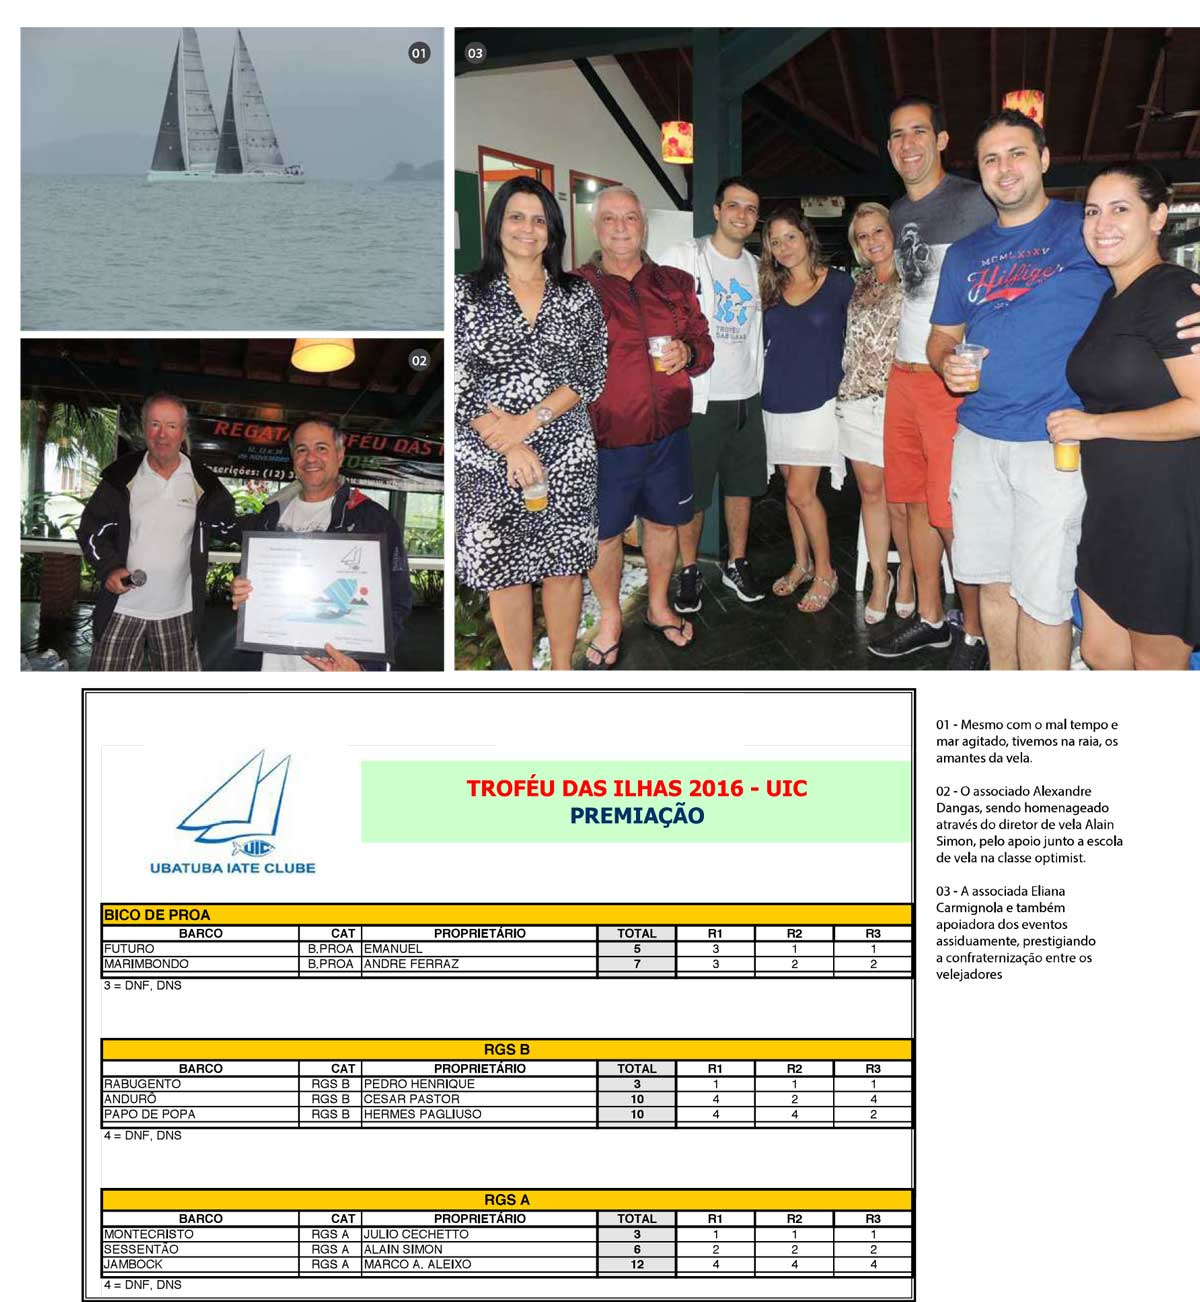 Trofeu-das-Ilhas-2016b_rotated